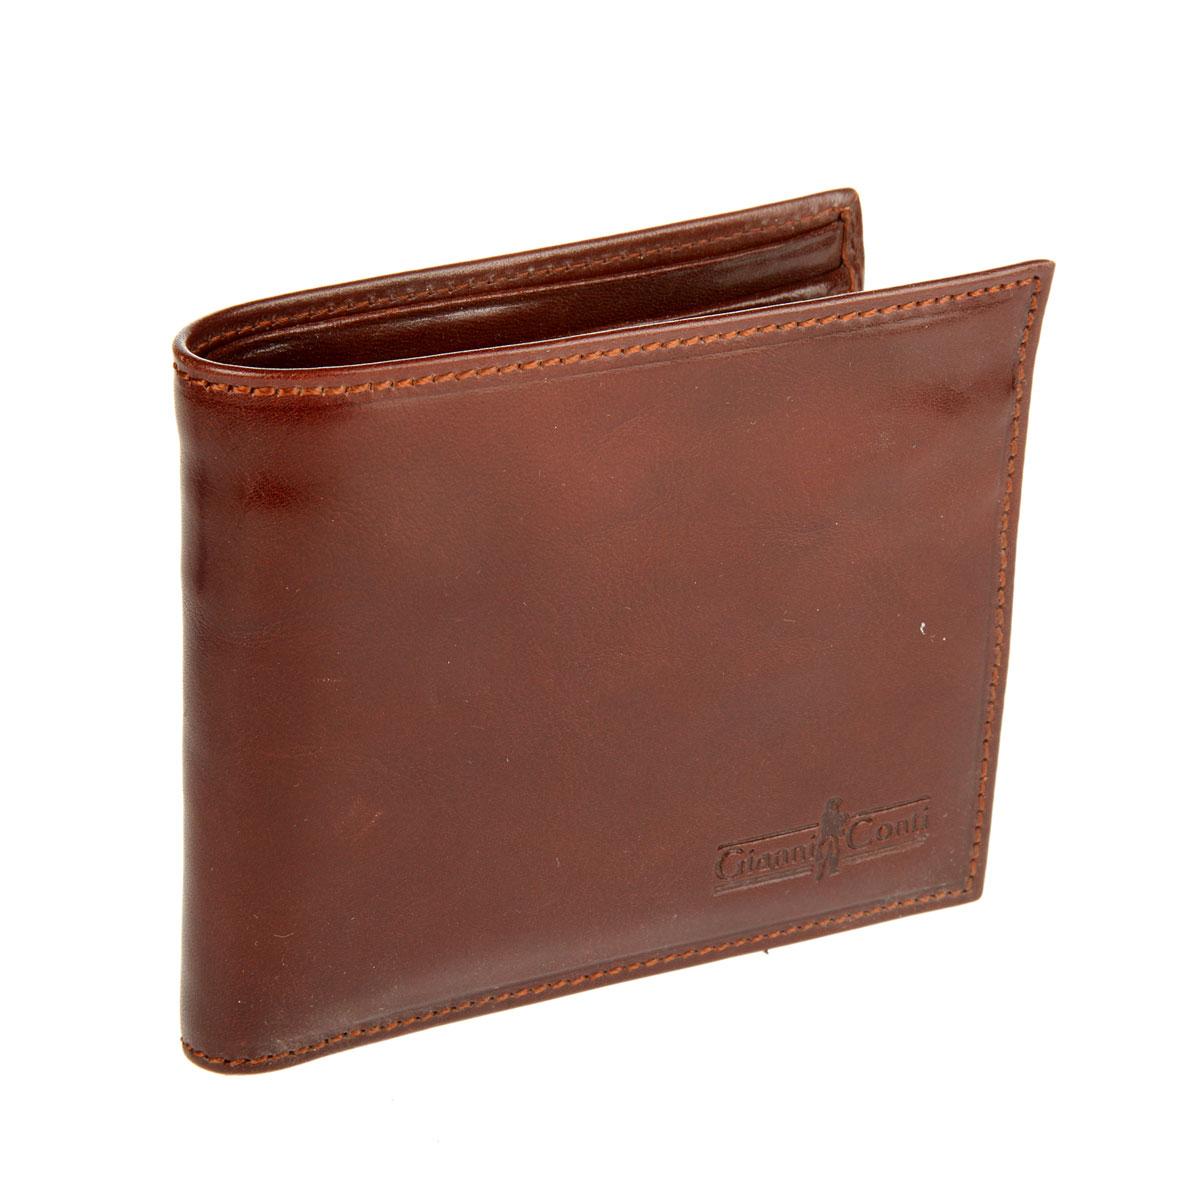 Портмоне мужское Gianni Conti, цвет: коричневый. 907057907057Стильное мужское портмоне Gianni Conti выполнено из гладкой натуральной кожи. Лицевая сторона дополнена тиснением с названием бренда. Портмоне не имеет застежки. Внутри расположено 3 отделения для купюр, одно из них закрывается на молнию, отделение для монет на застежке-кнопке, кармашек для sim-карты, 5 боковых карманов, сетчатое отделение для фото и 7 кармашков для кредитных карт и визиток. Gianni Conti сделает ваш образ ярким и выразительным. При изготовлении аксессуаров используются самые современные технологии и дизайнерские новинки, которые удовлетворят самый изысканный вкус.